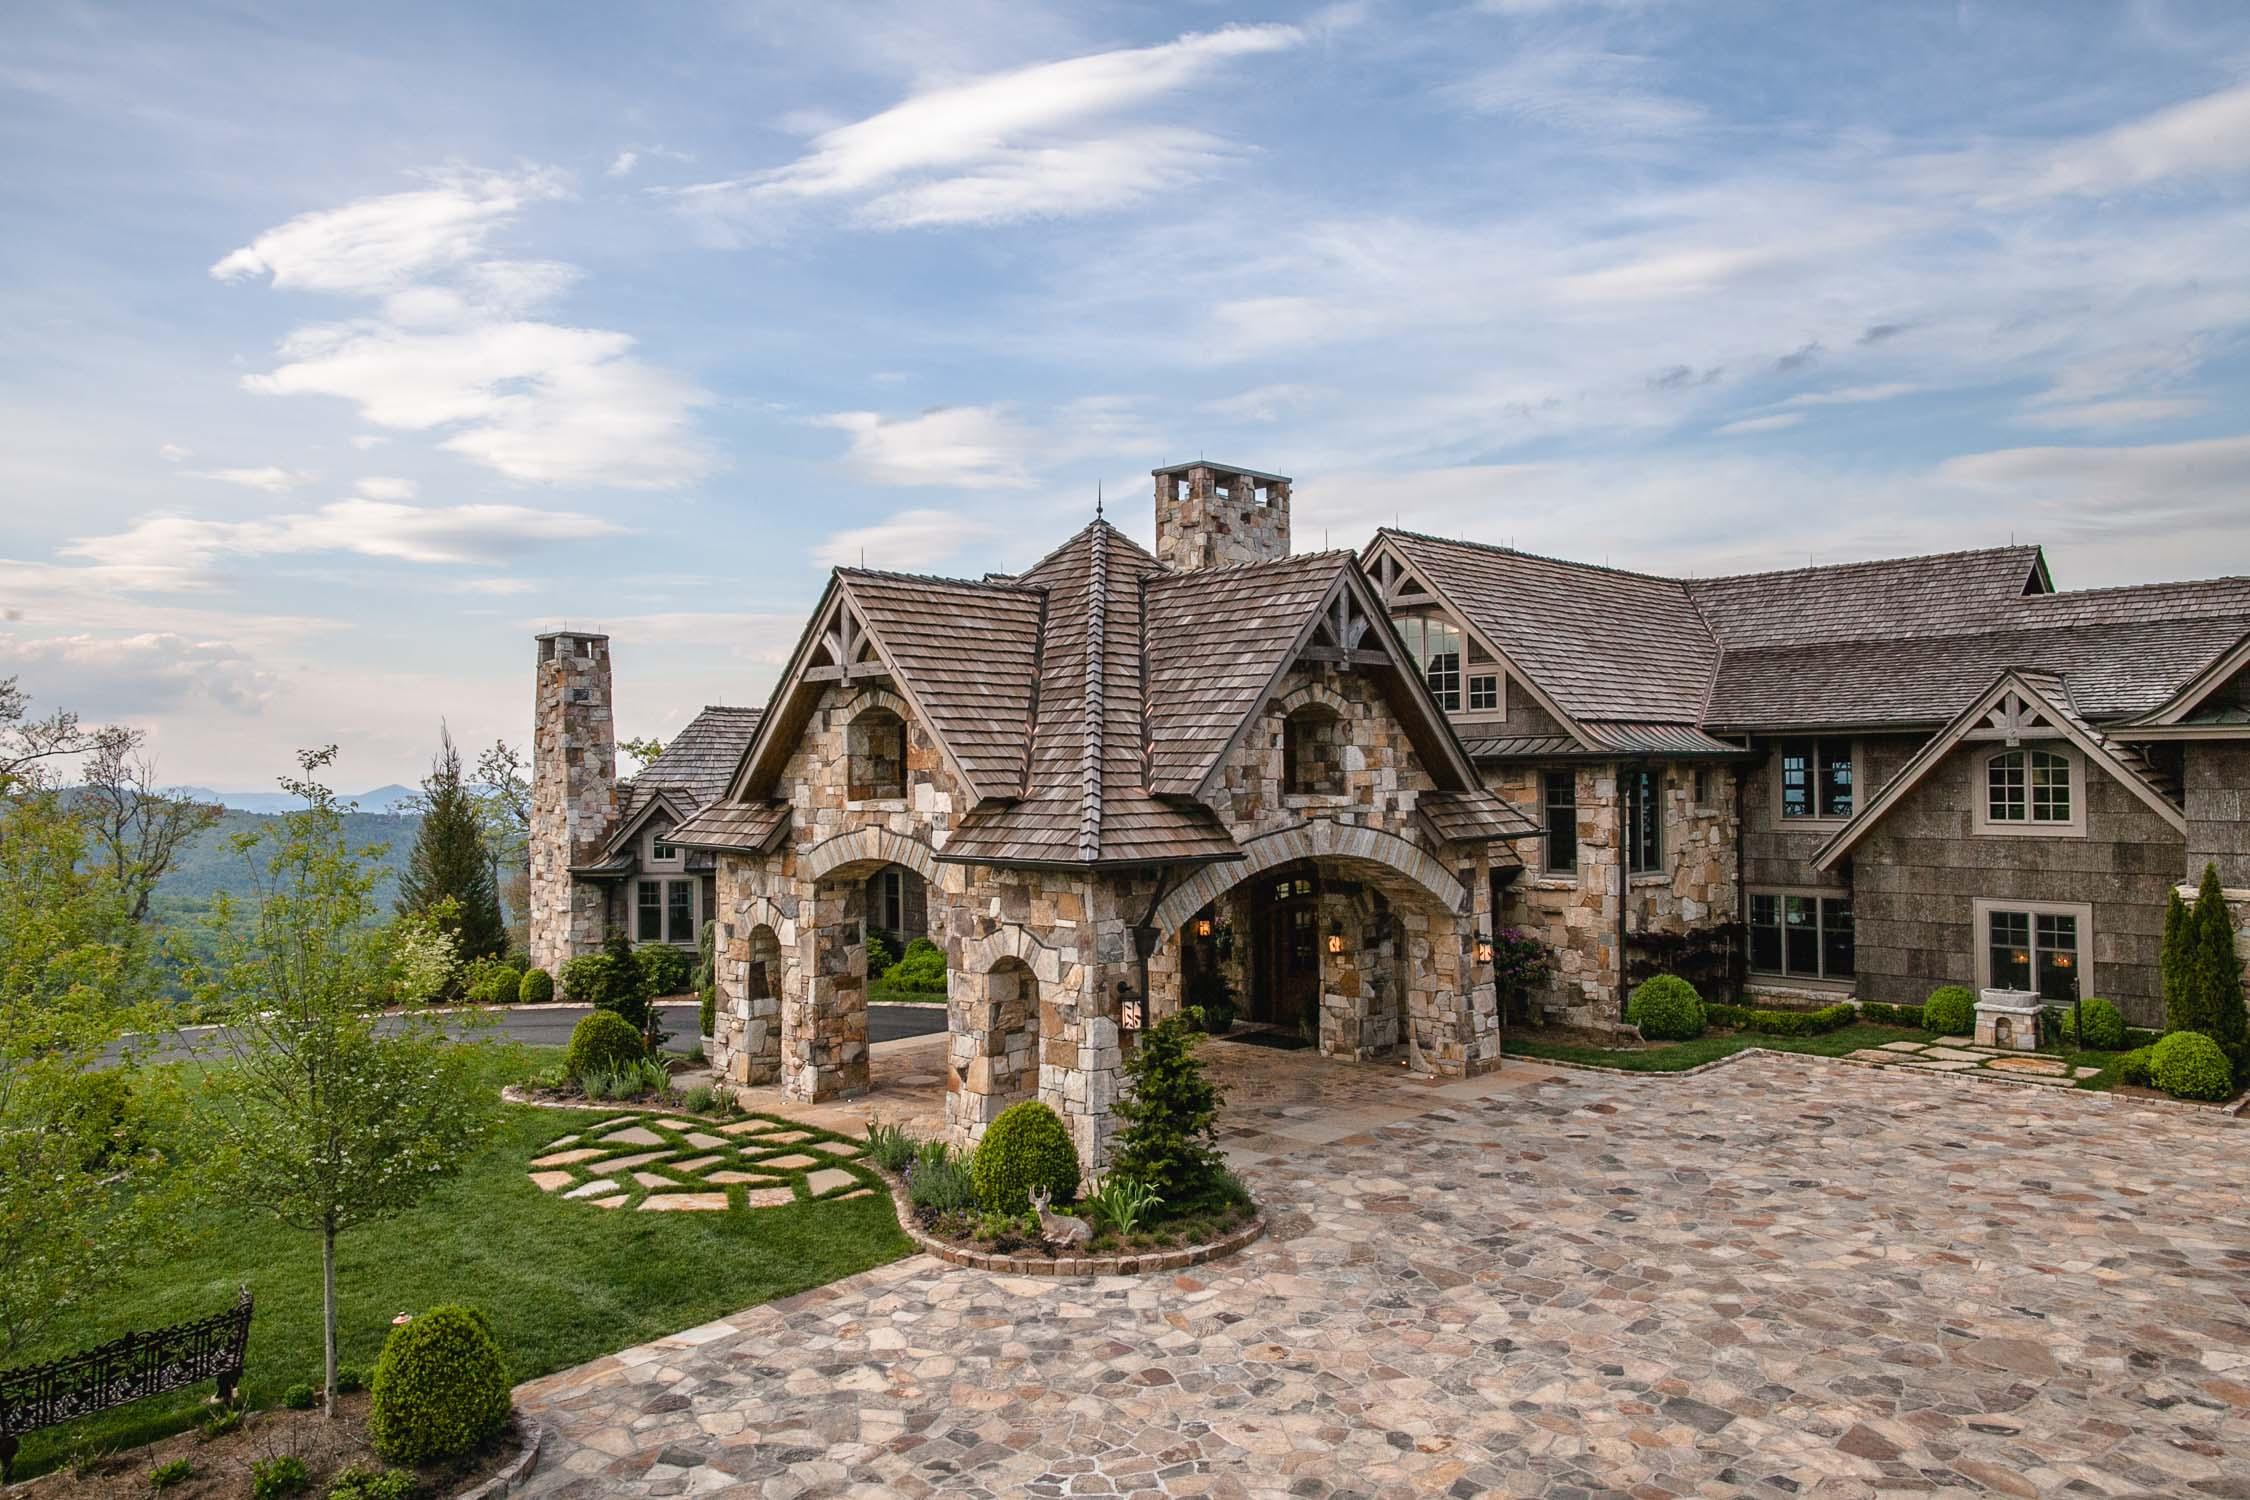 Front-of-Rockwood-Lodge-Highlands-North-Carolina-Erik-Meadows